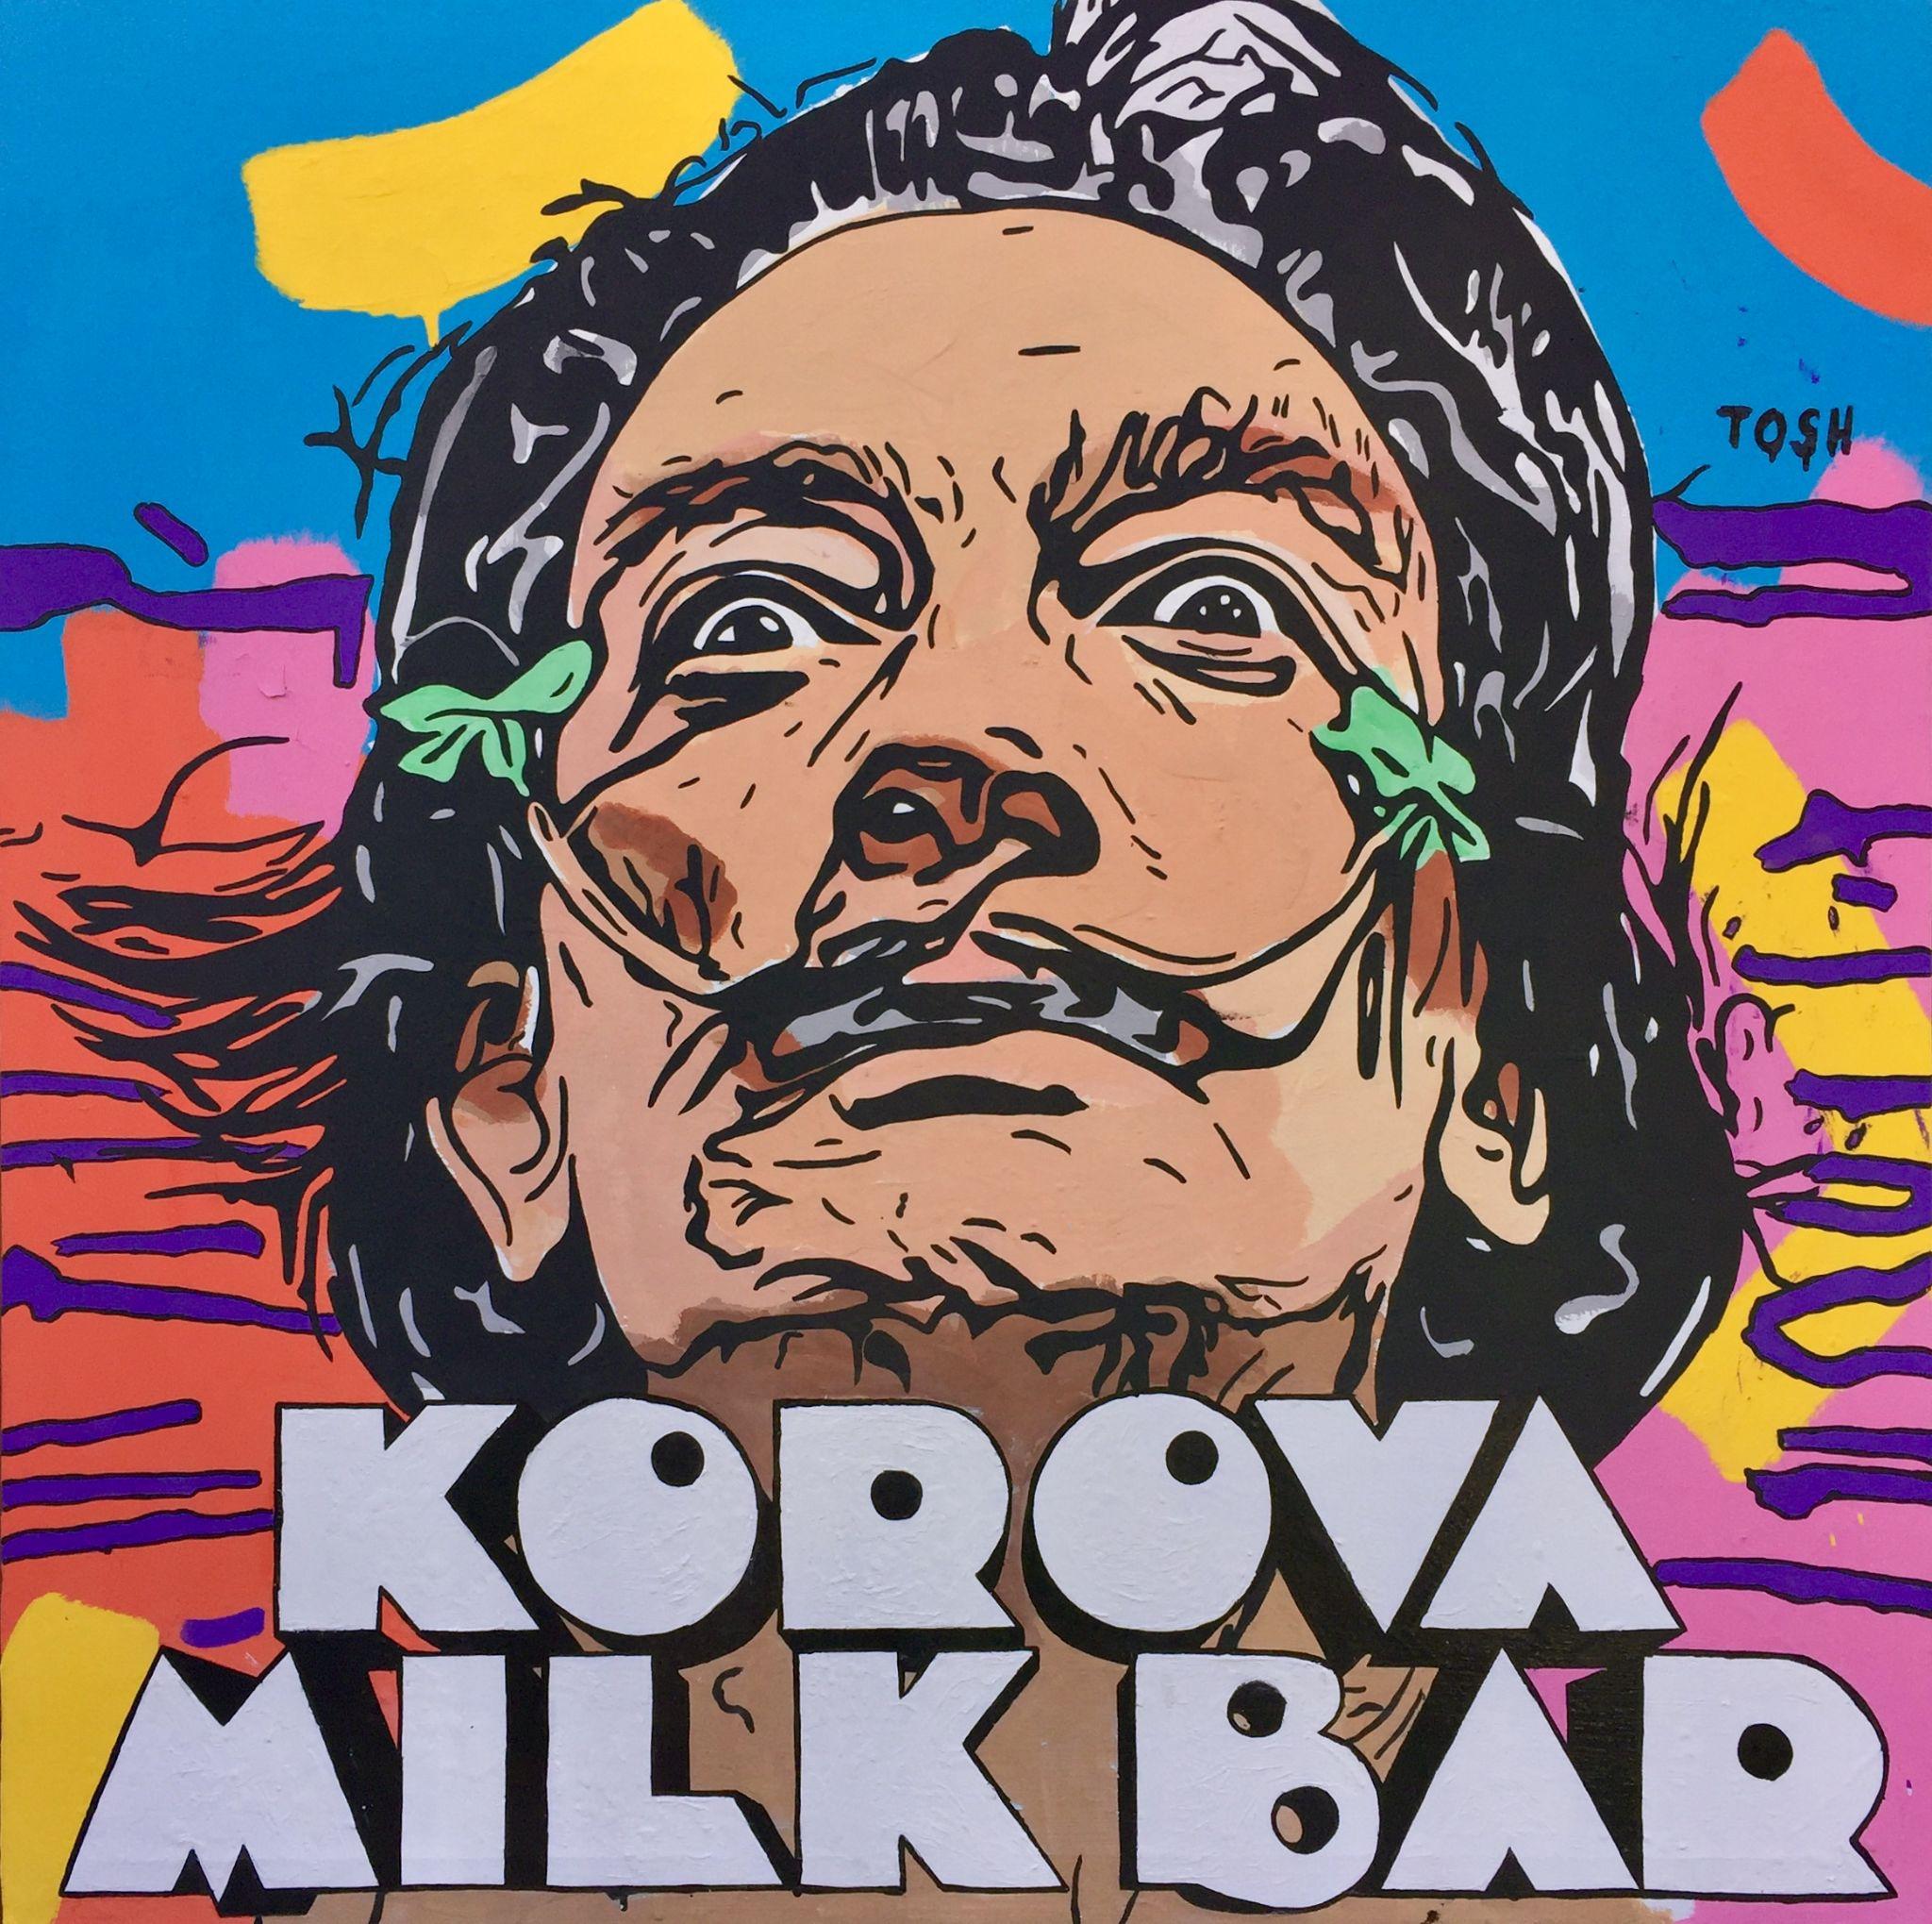 Merlino Bottega D Arte korova milk bar